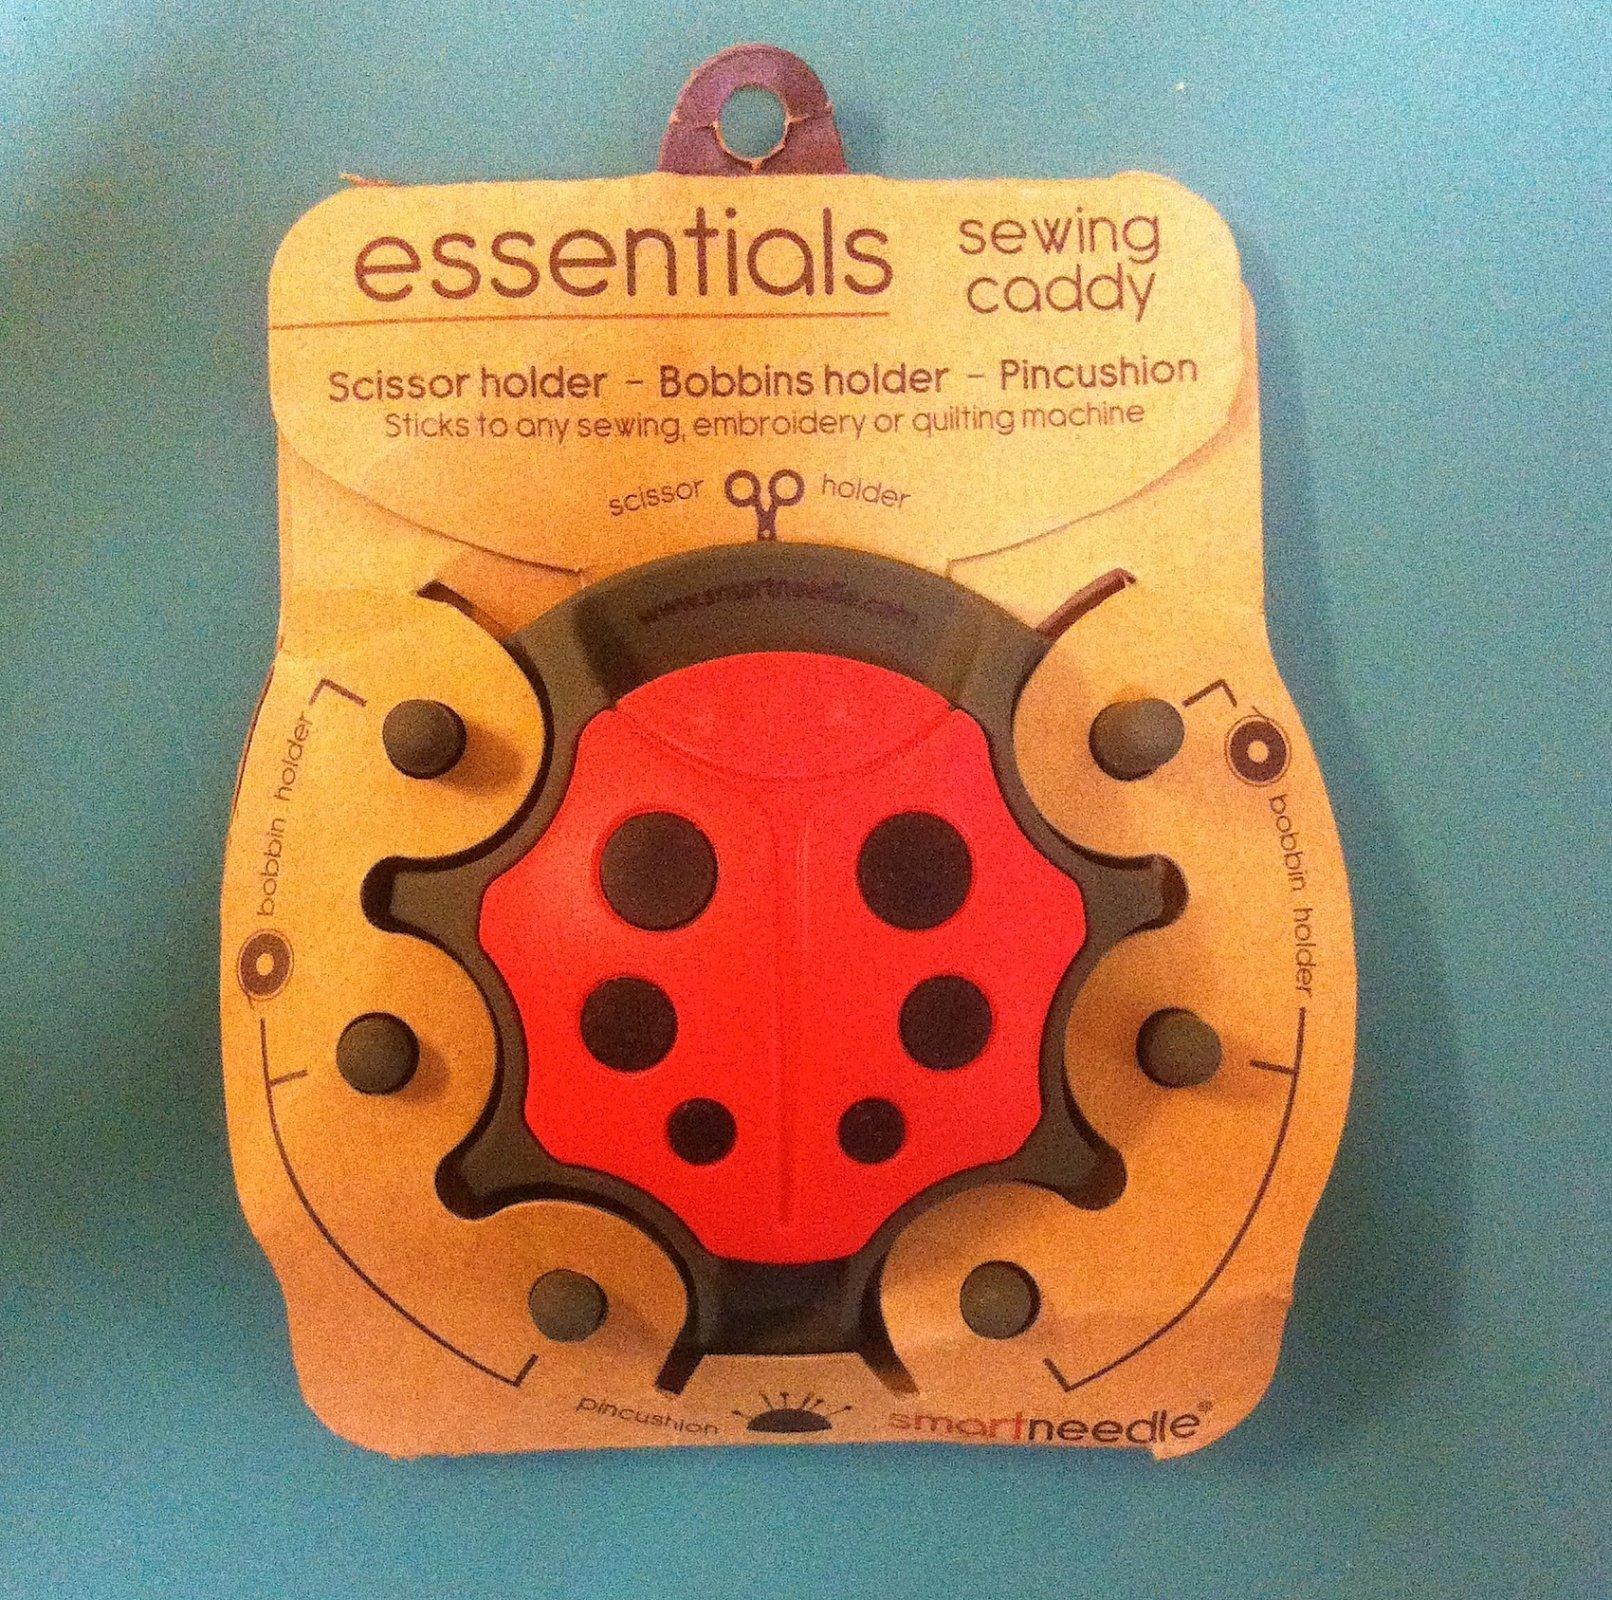 Essentials Sewing Caddy